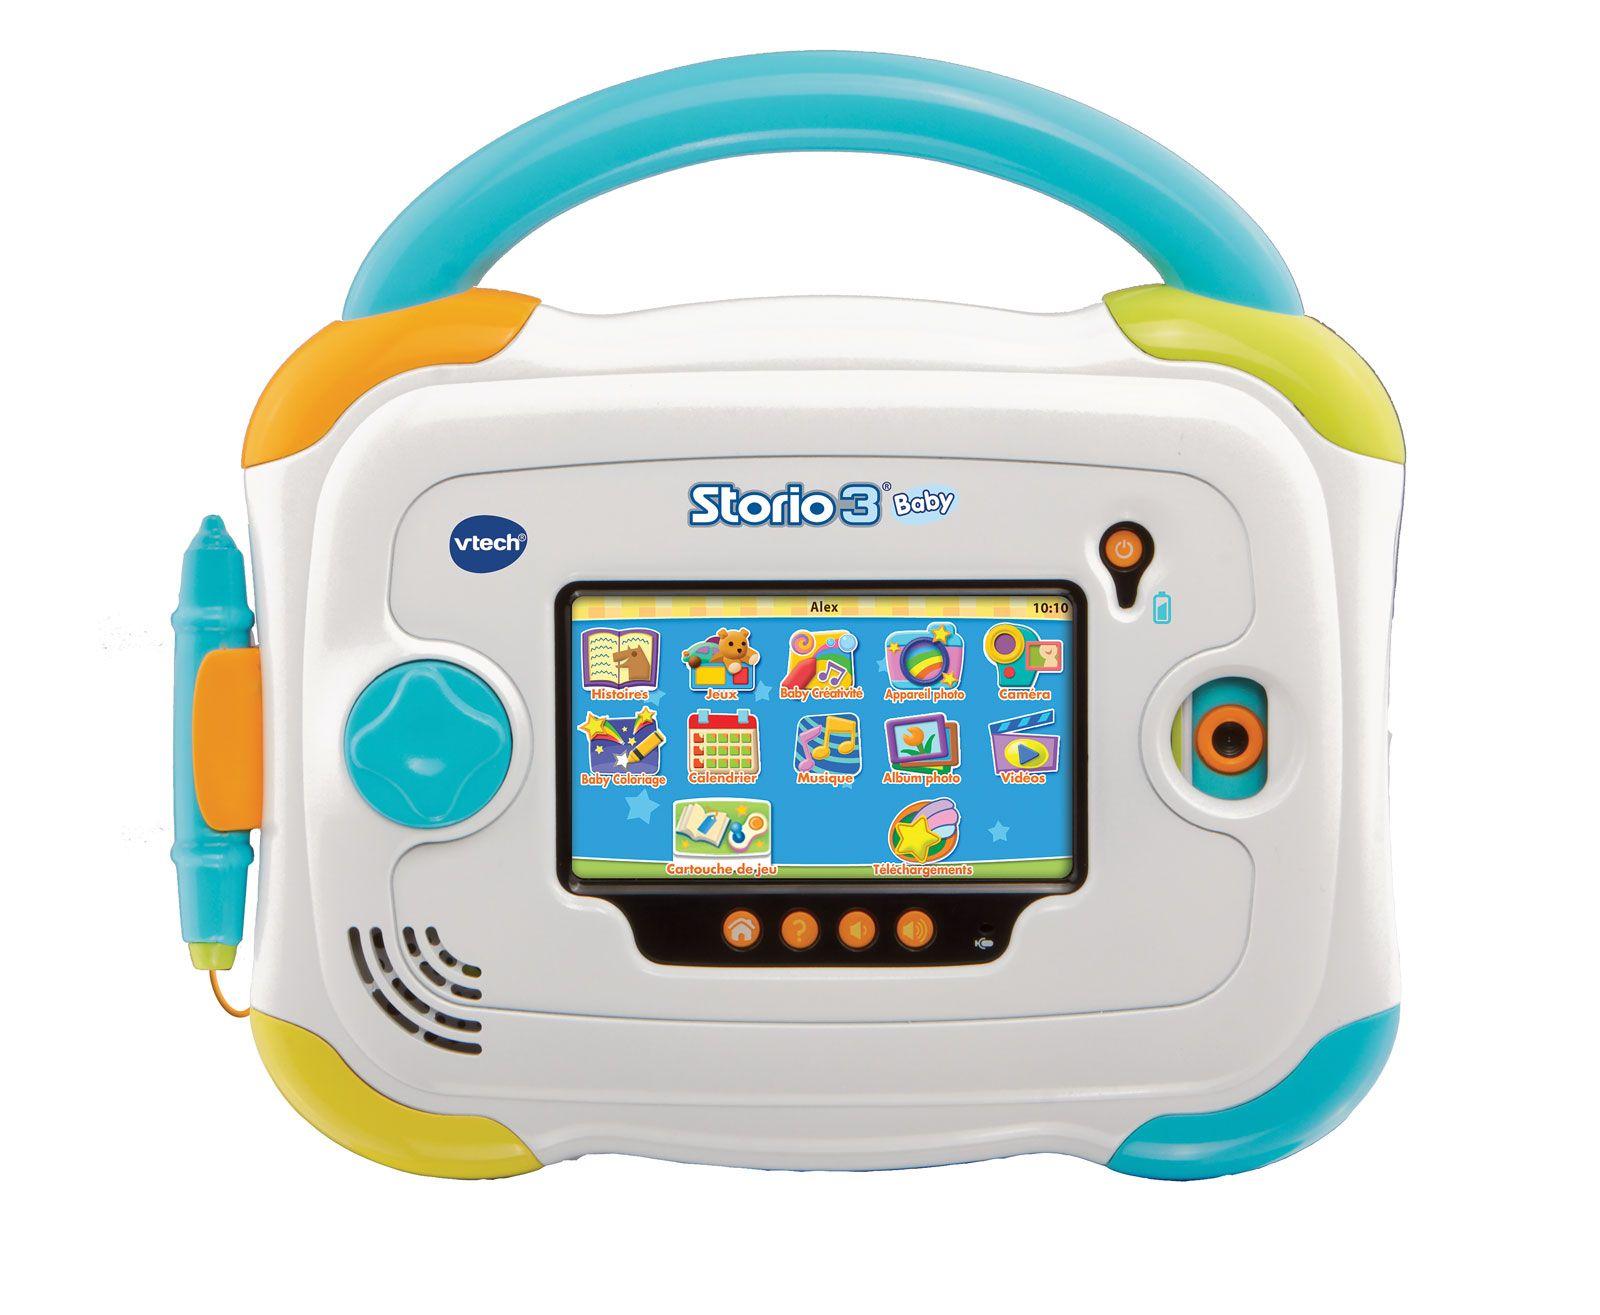 Console Storio 3 Baby Vtech Jeux Eveil Cadeau Bebe